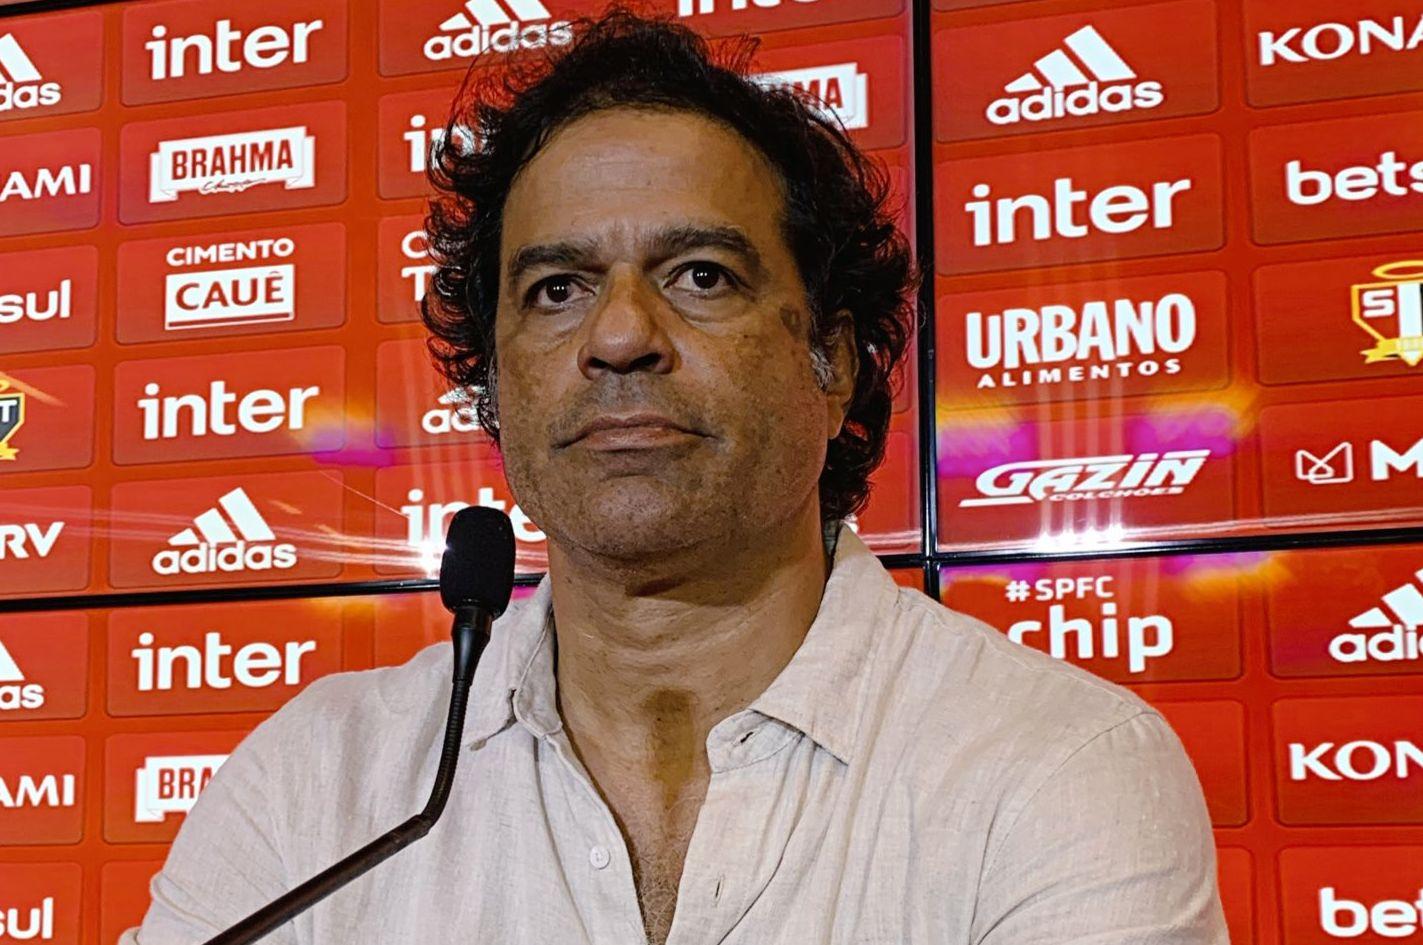 Dirigente tricolor destacou o bom trabalho de Fernando Diniz no dia a dia do São Paulo. Foto: São Paulo FC/Twitter